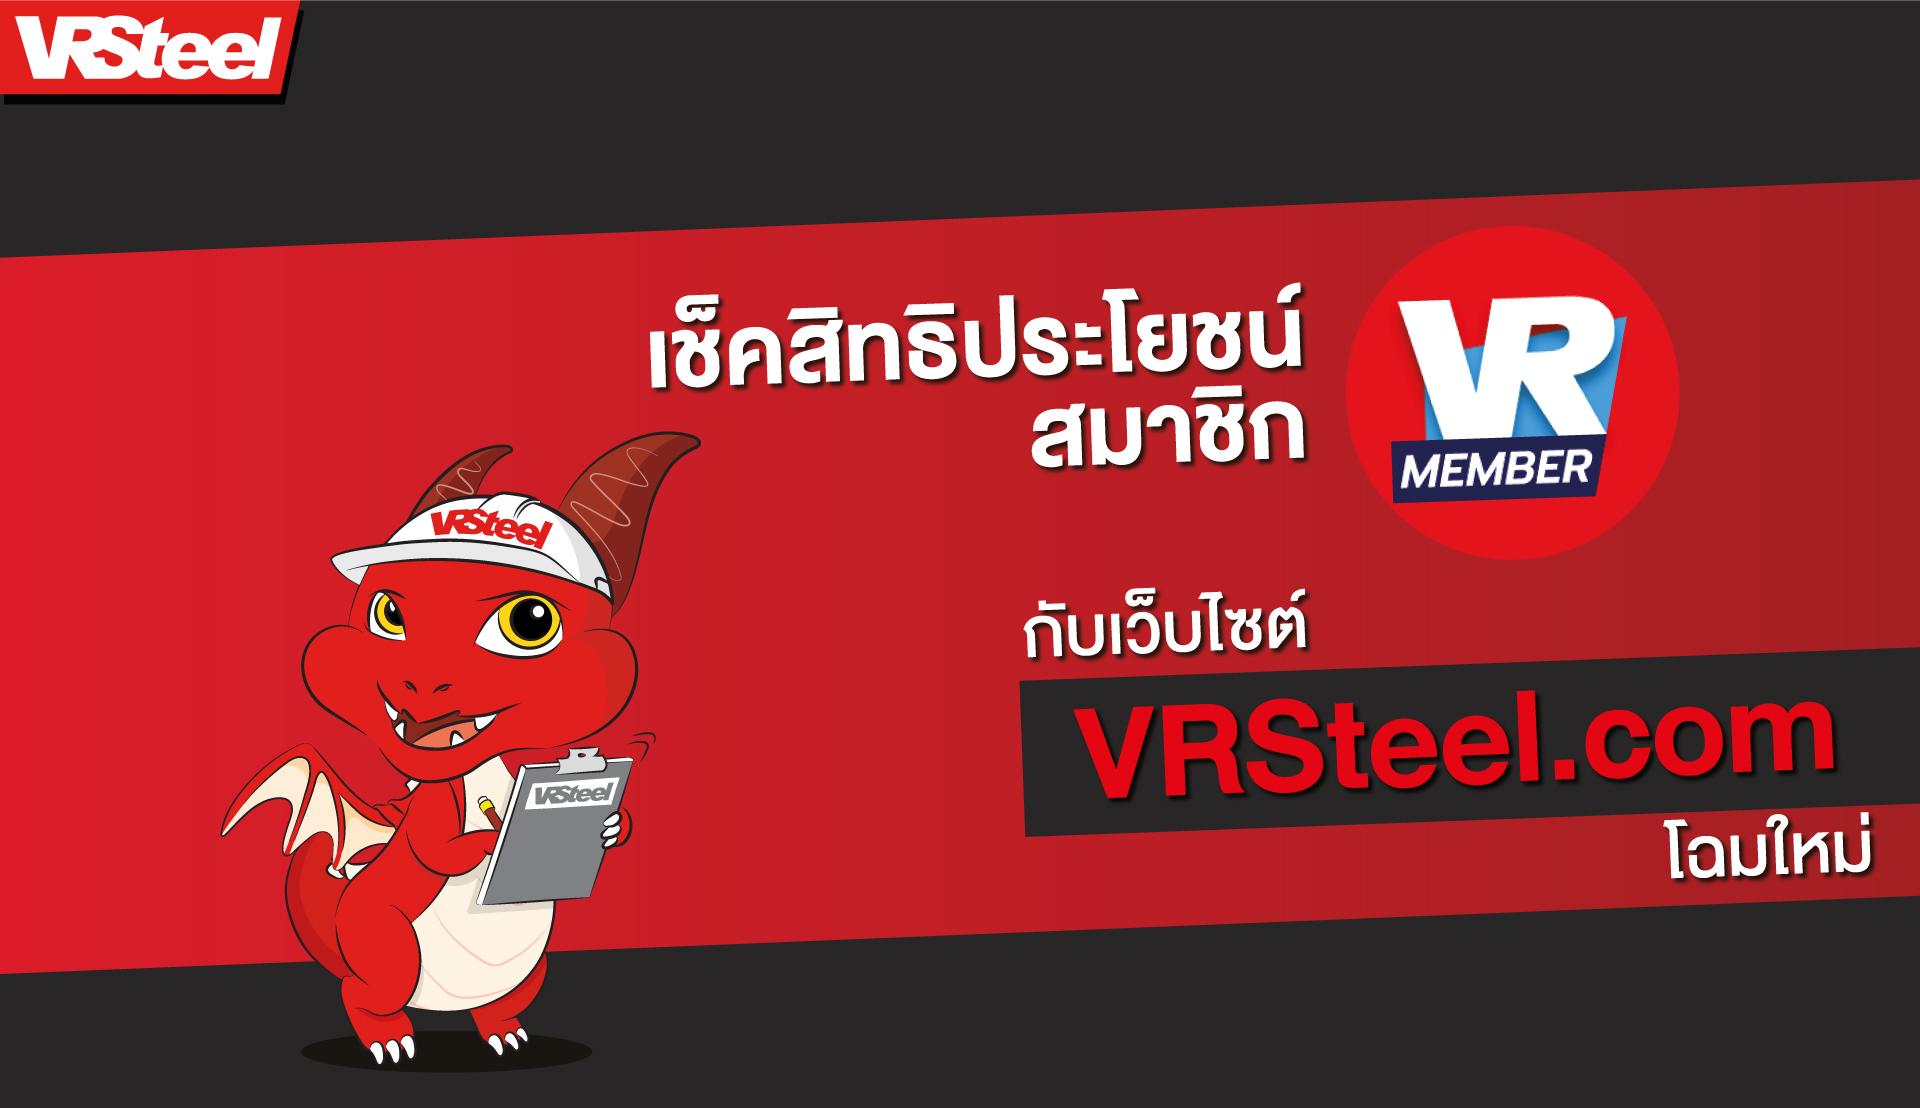 เช็คสิทธิประโยชน์สมาชิก VRMember กับเว็บไซต์ VRSteel โฉมใหม่